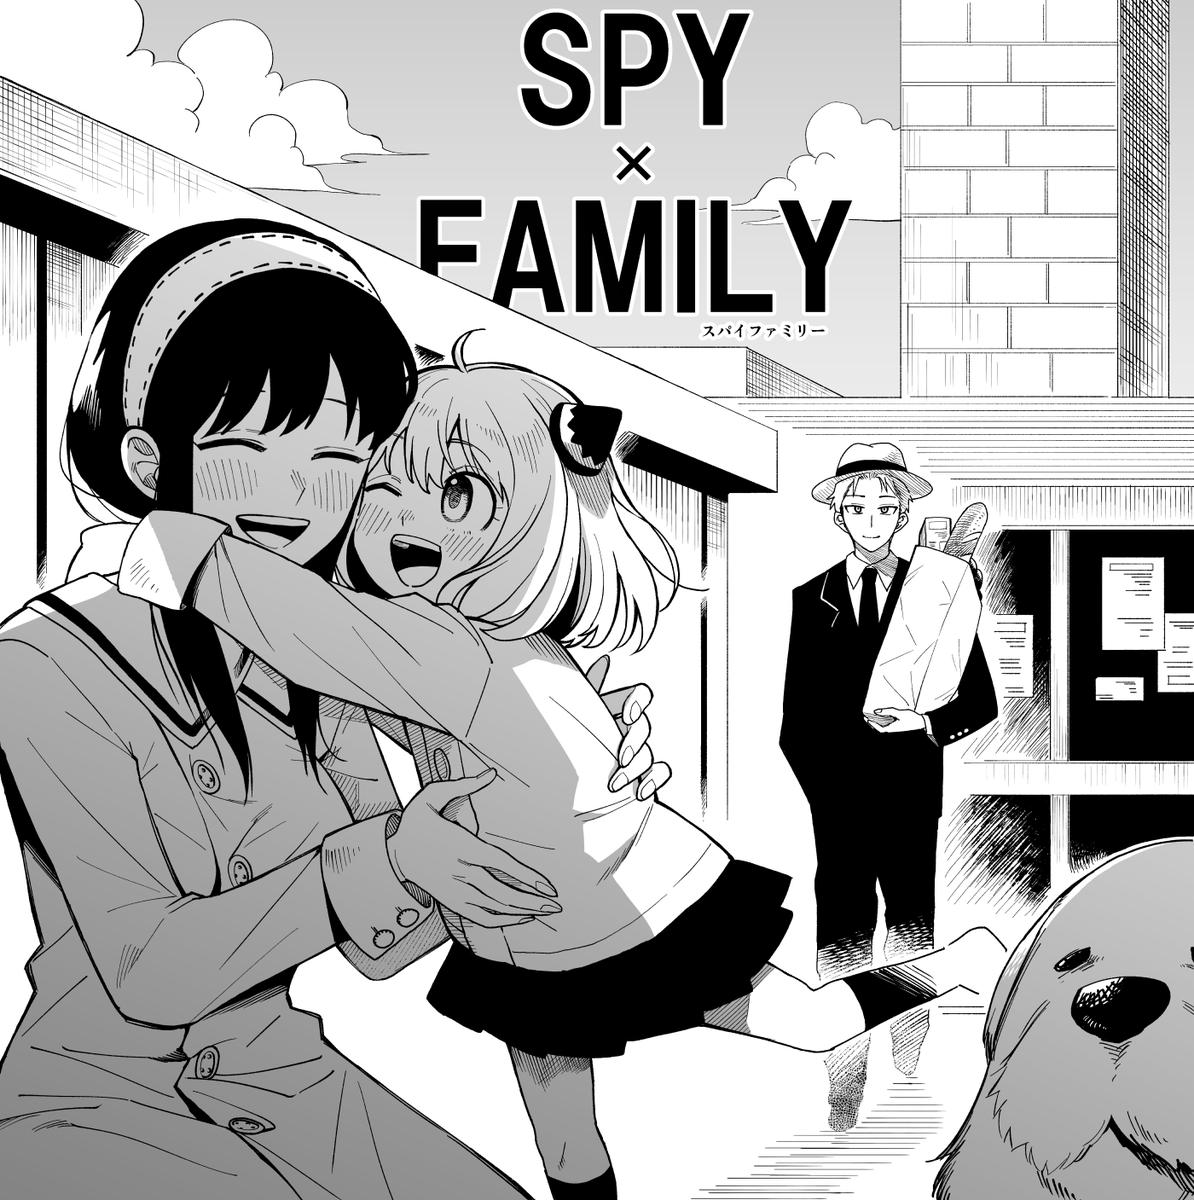 Pixiv スパイ ファミリー